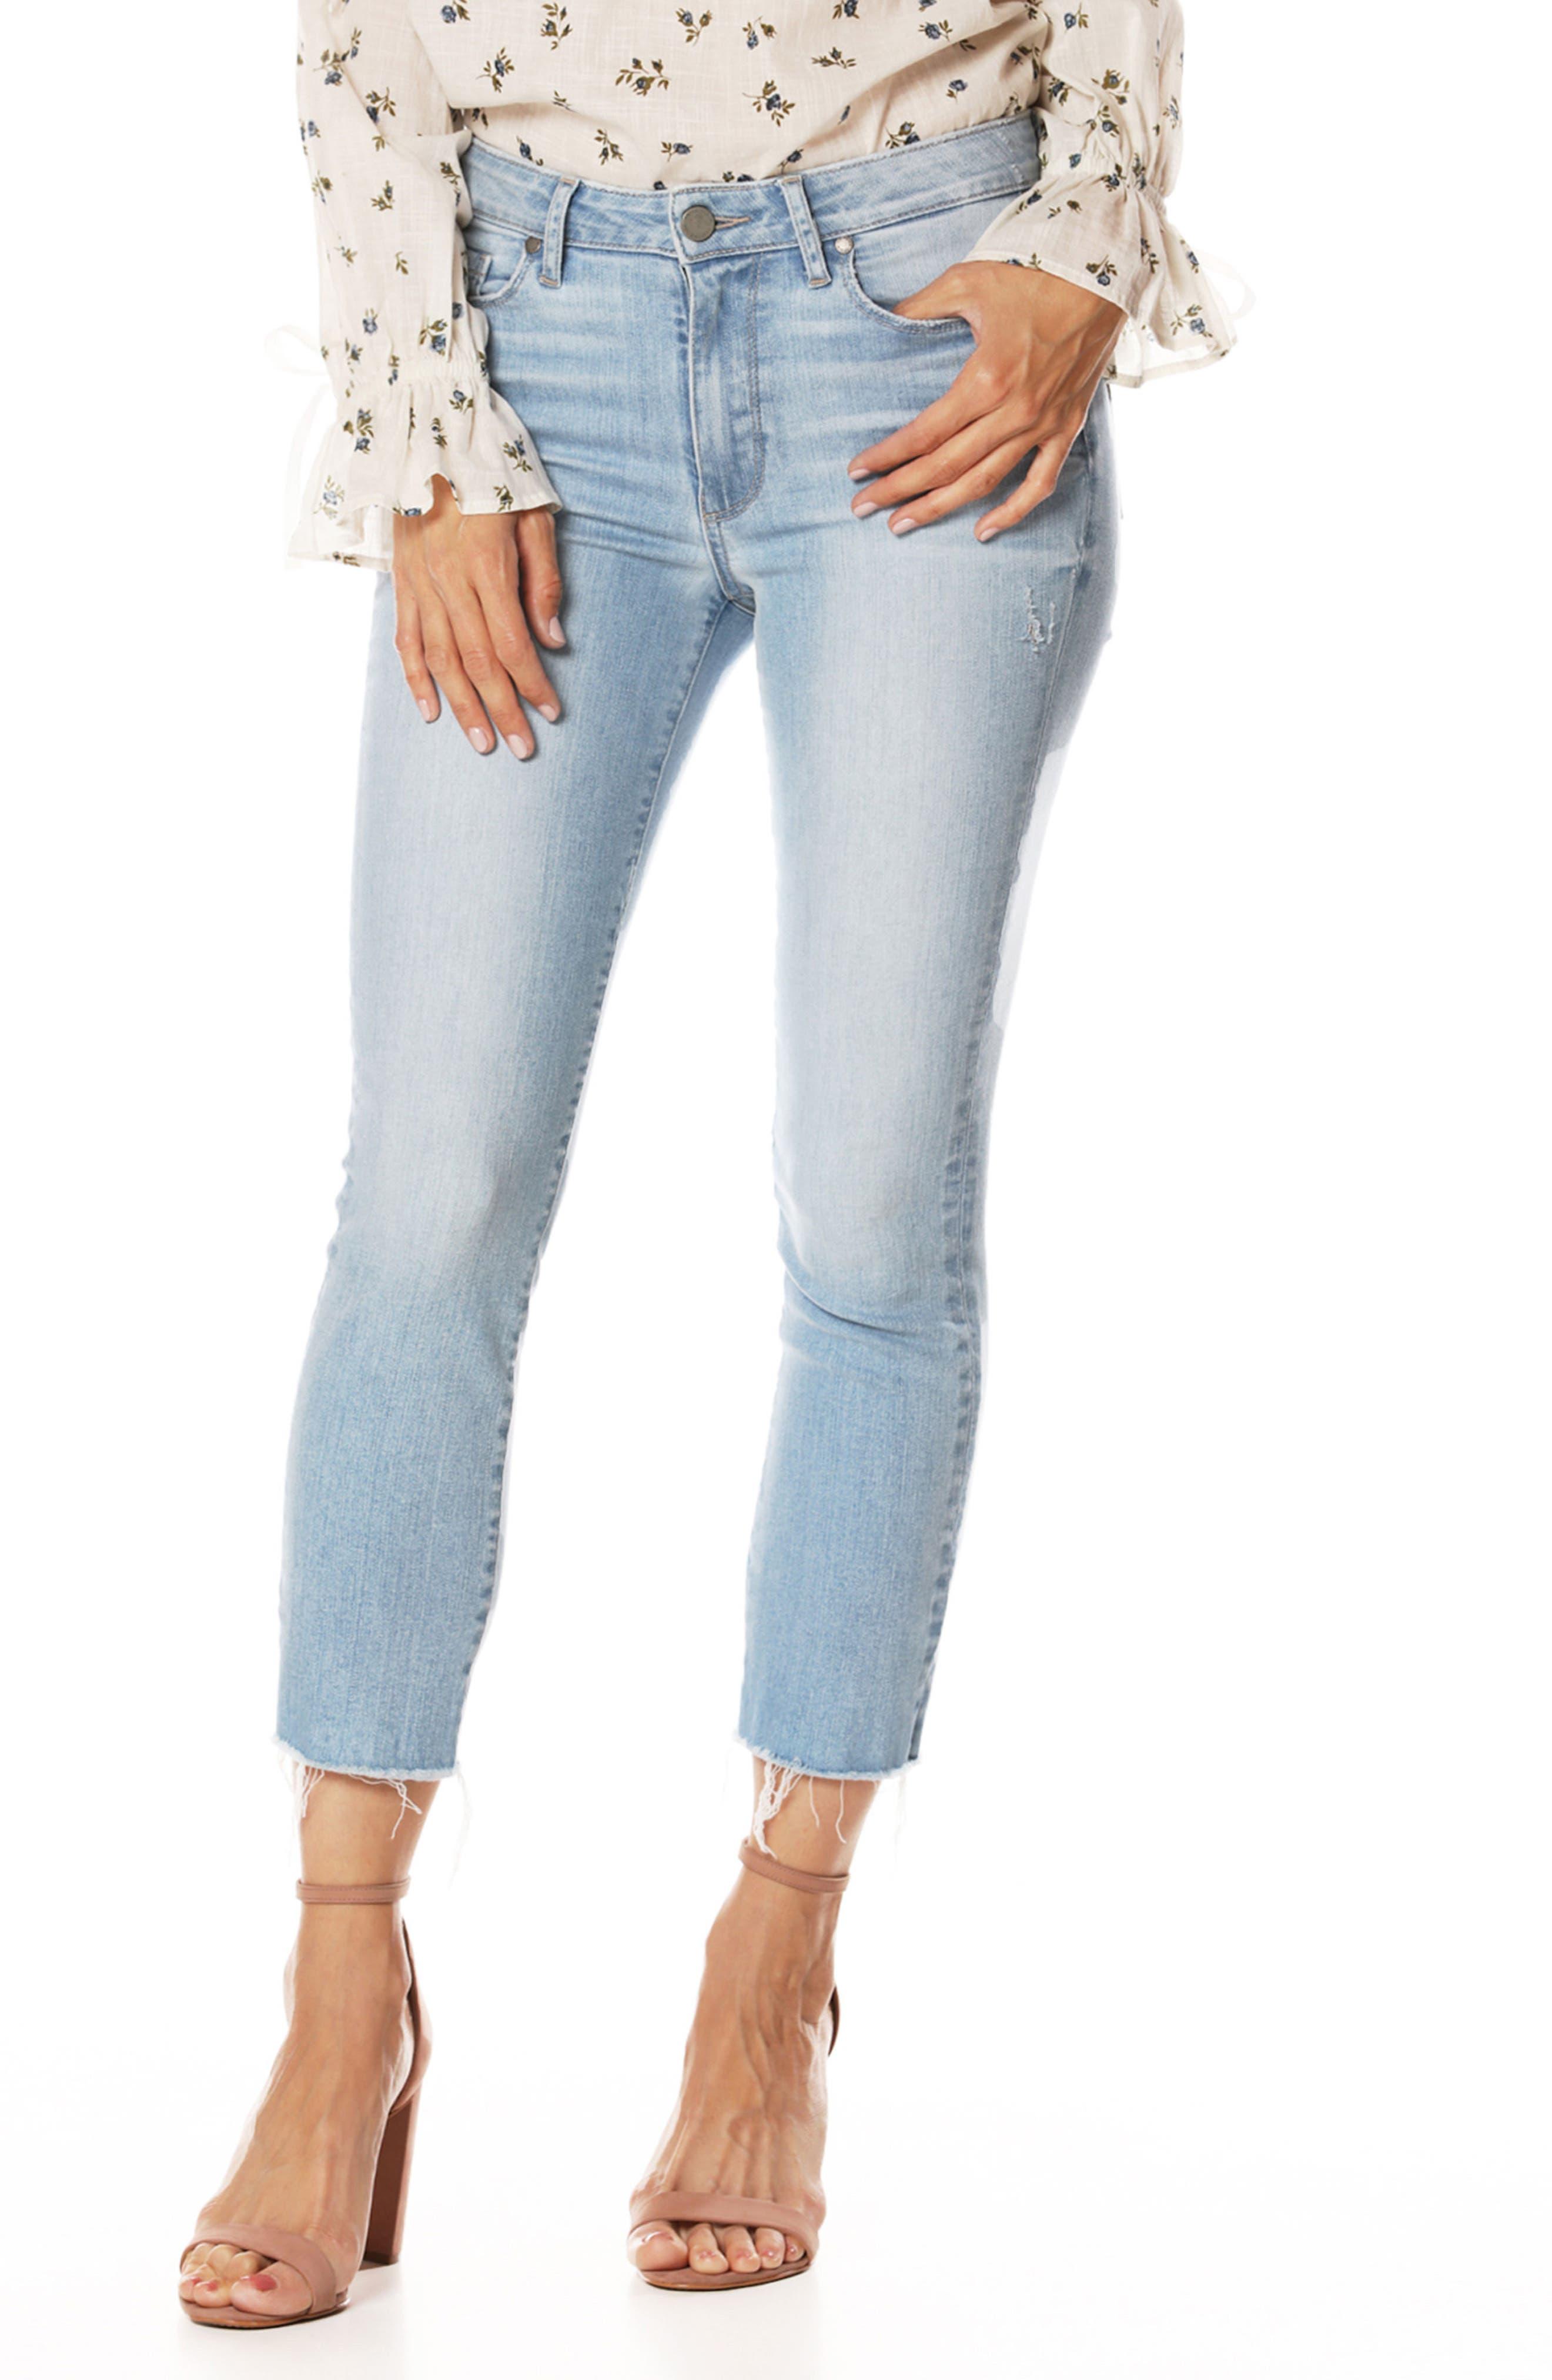 Hoxton High Waist Ankle Straight Leg Jeans,                             Main thumbnail 1, color,                             400